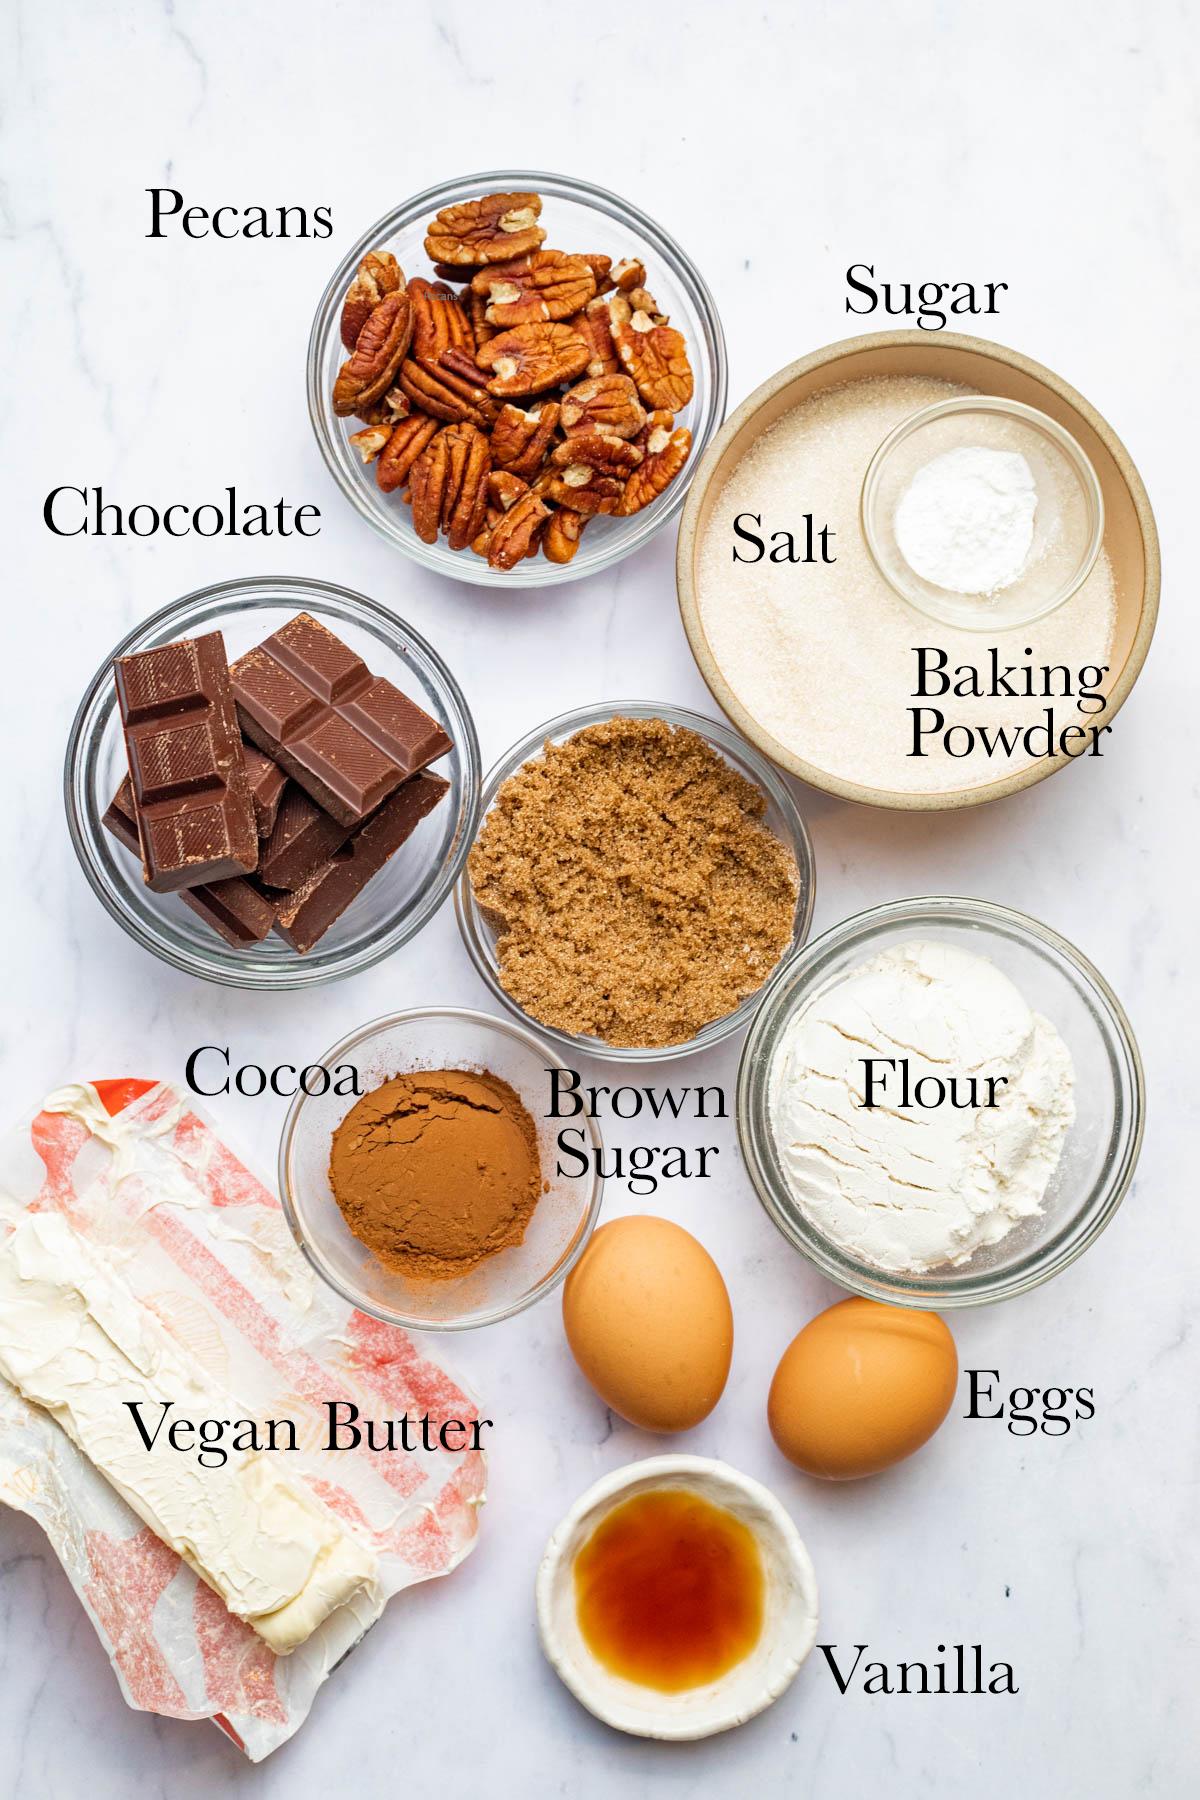 Ingredients to make dairy-free brownies.